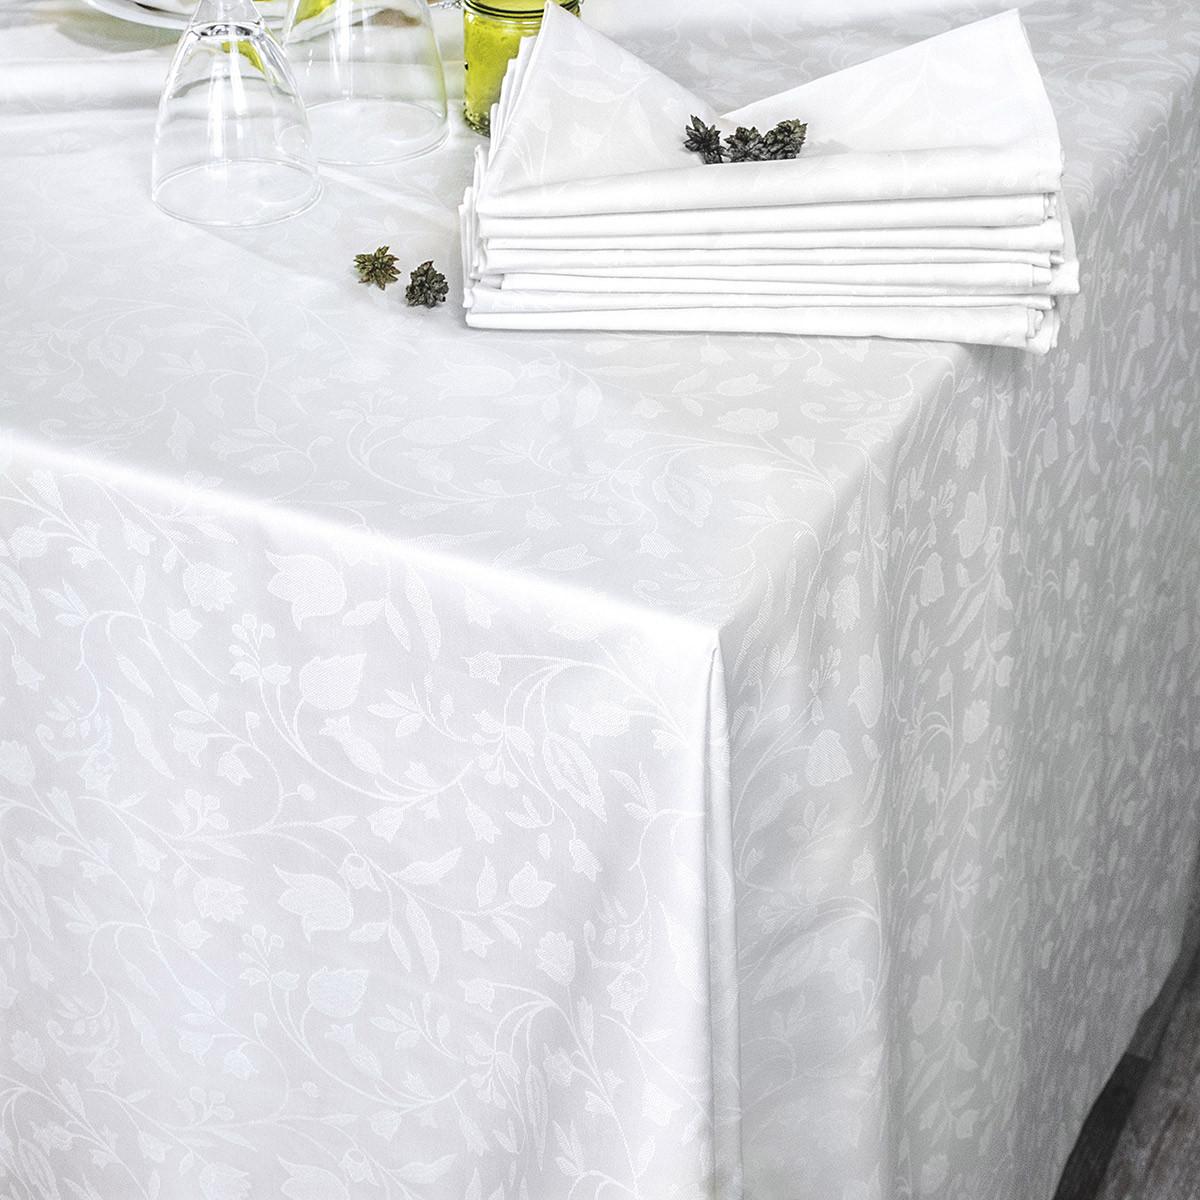 Τραπεζομάντηλo 12 Ατόμων (160×270) Rythmos Bensimon White